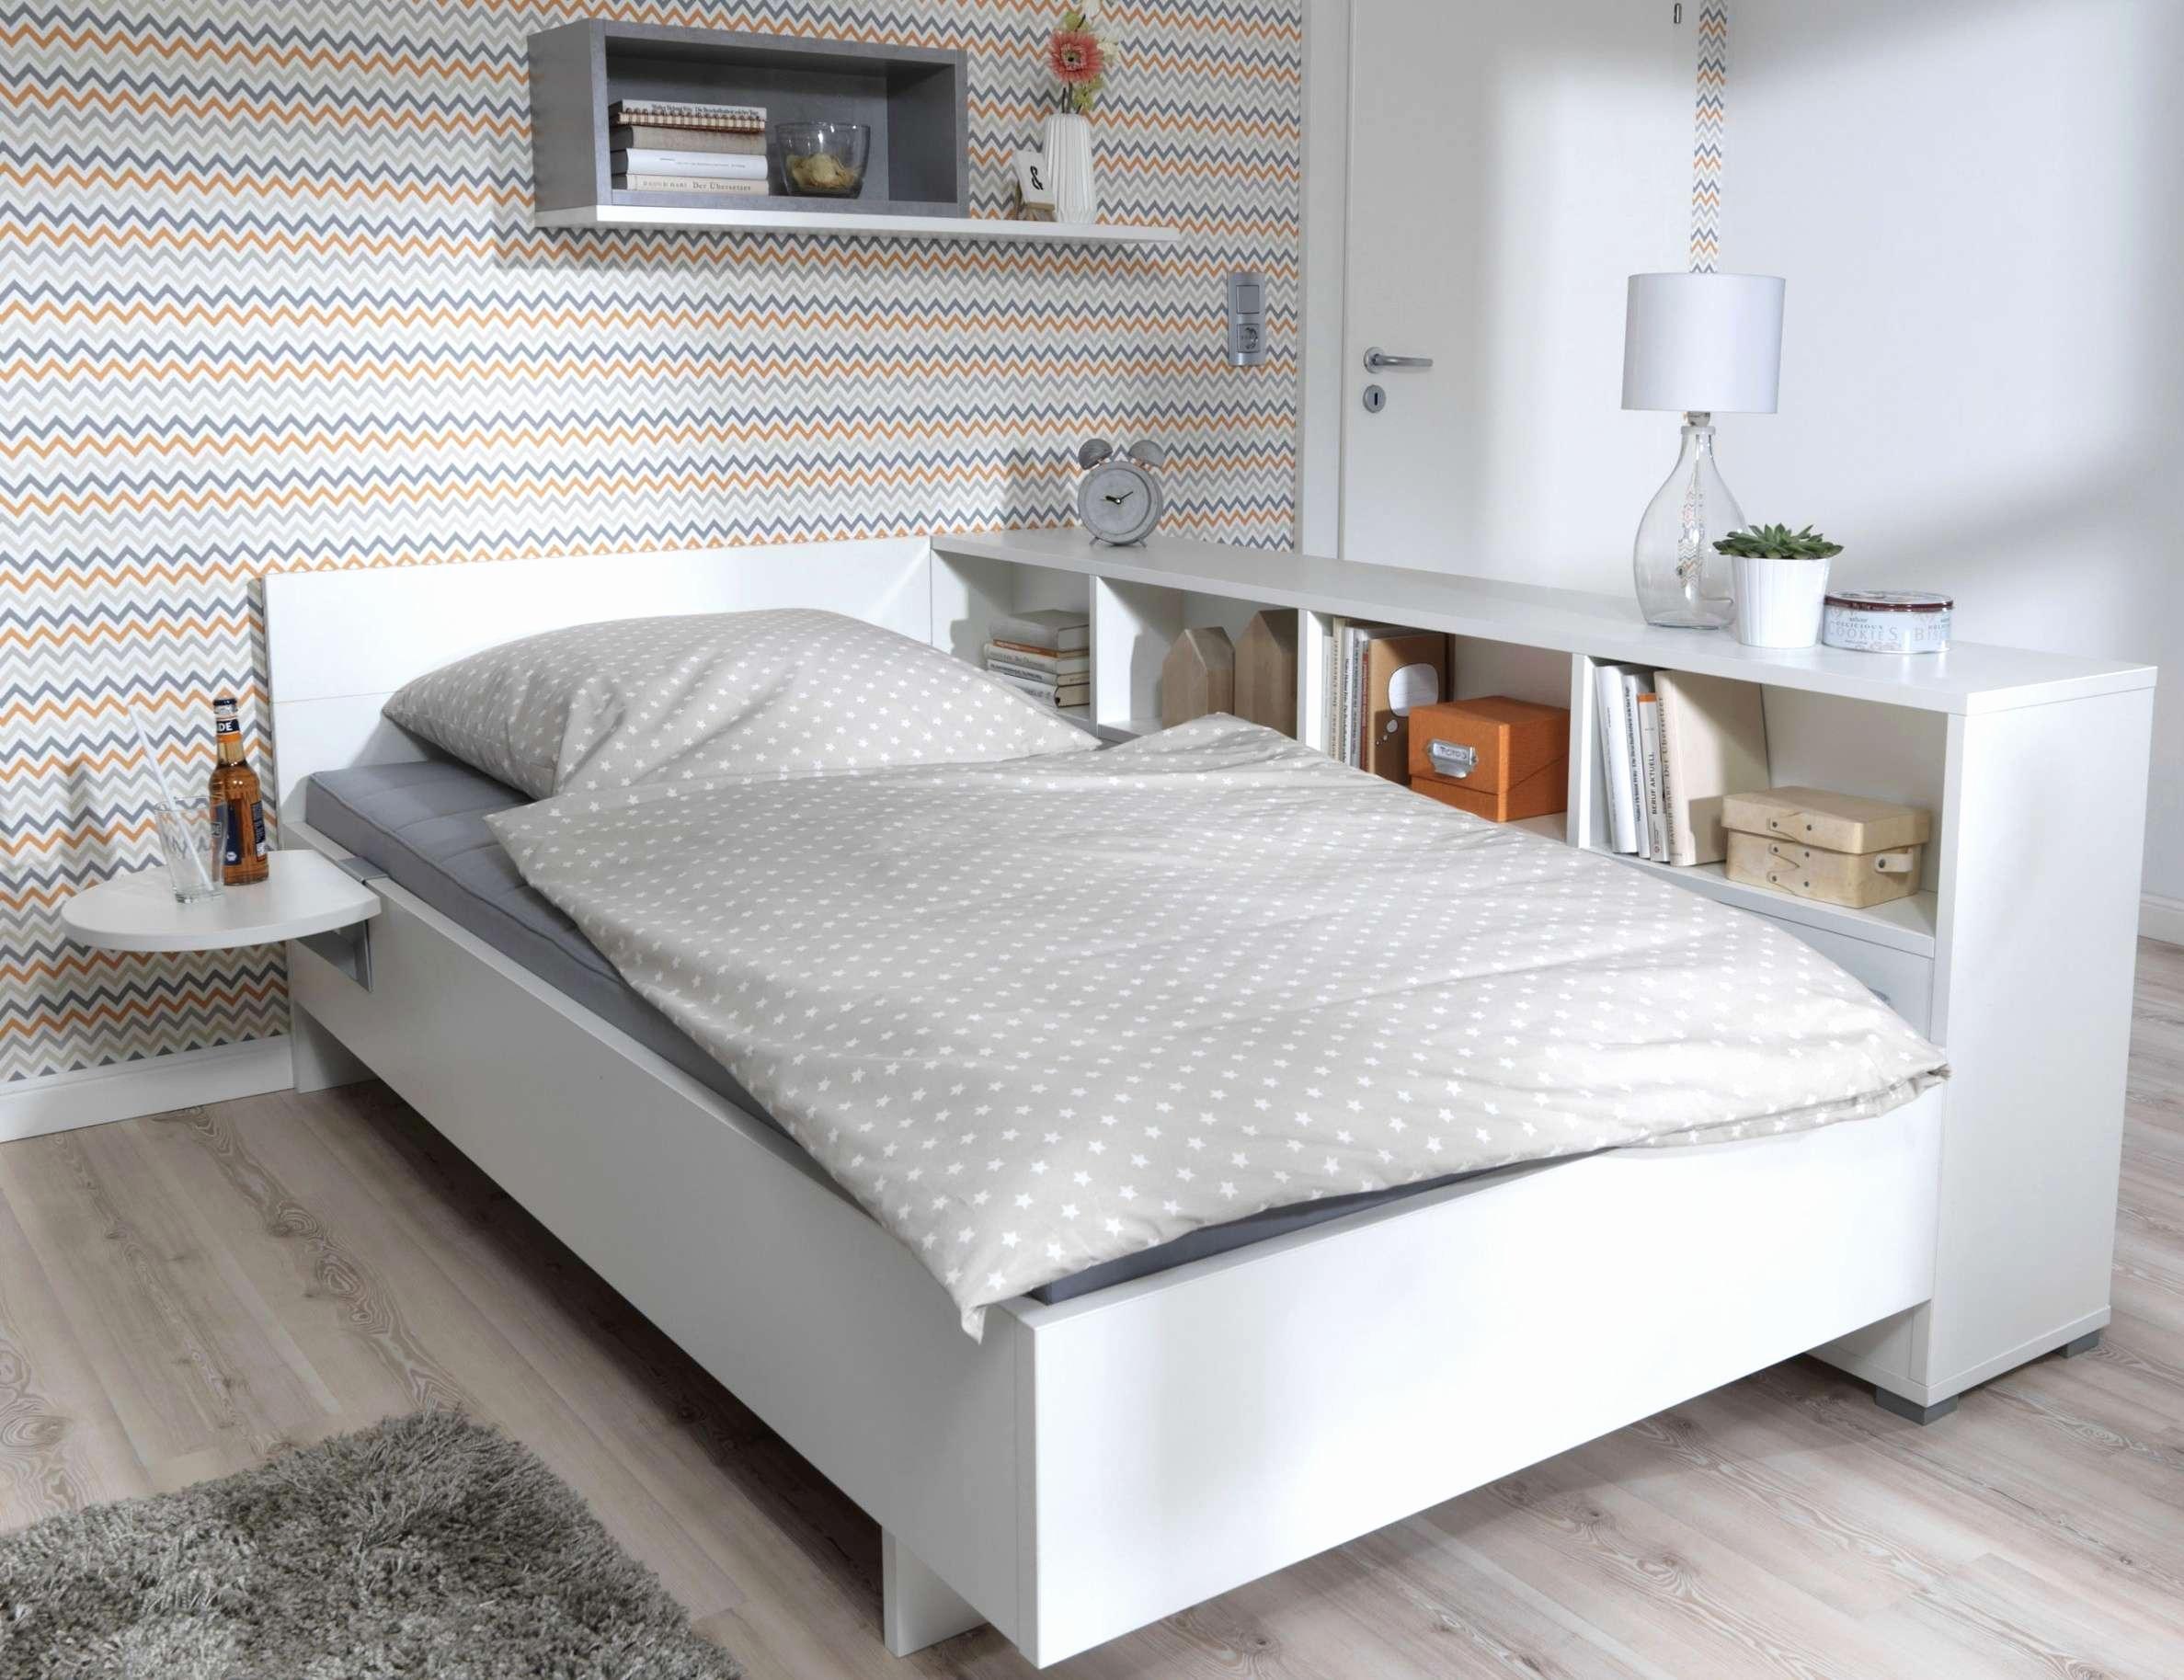 Full Size of Bett Mit Stufen Halbhohes 140x200 Stauraum 120x200 Weiß Betten Aufbewahrung Clinique Even Better Make Up 120x190 Matratze Und Lattenrost Amerikanisches Bett Ausklappbares Bett